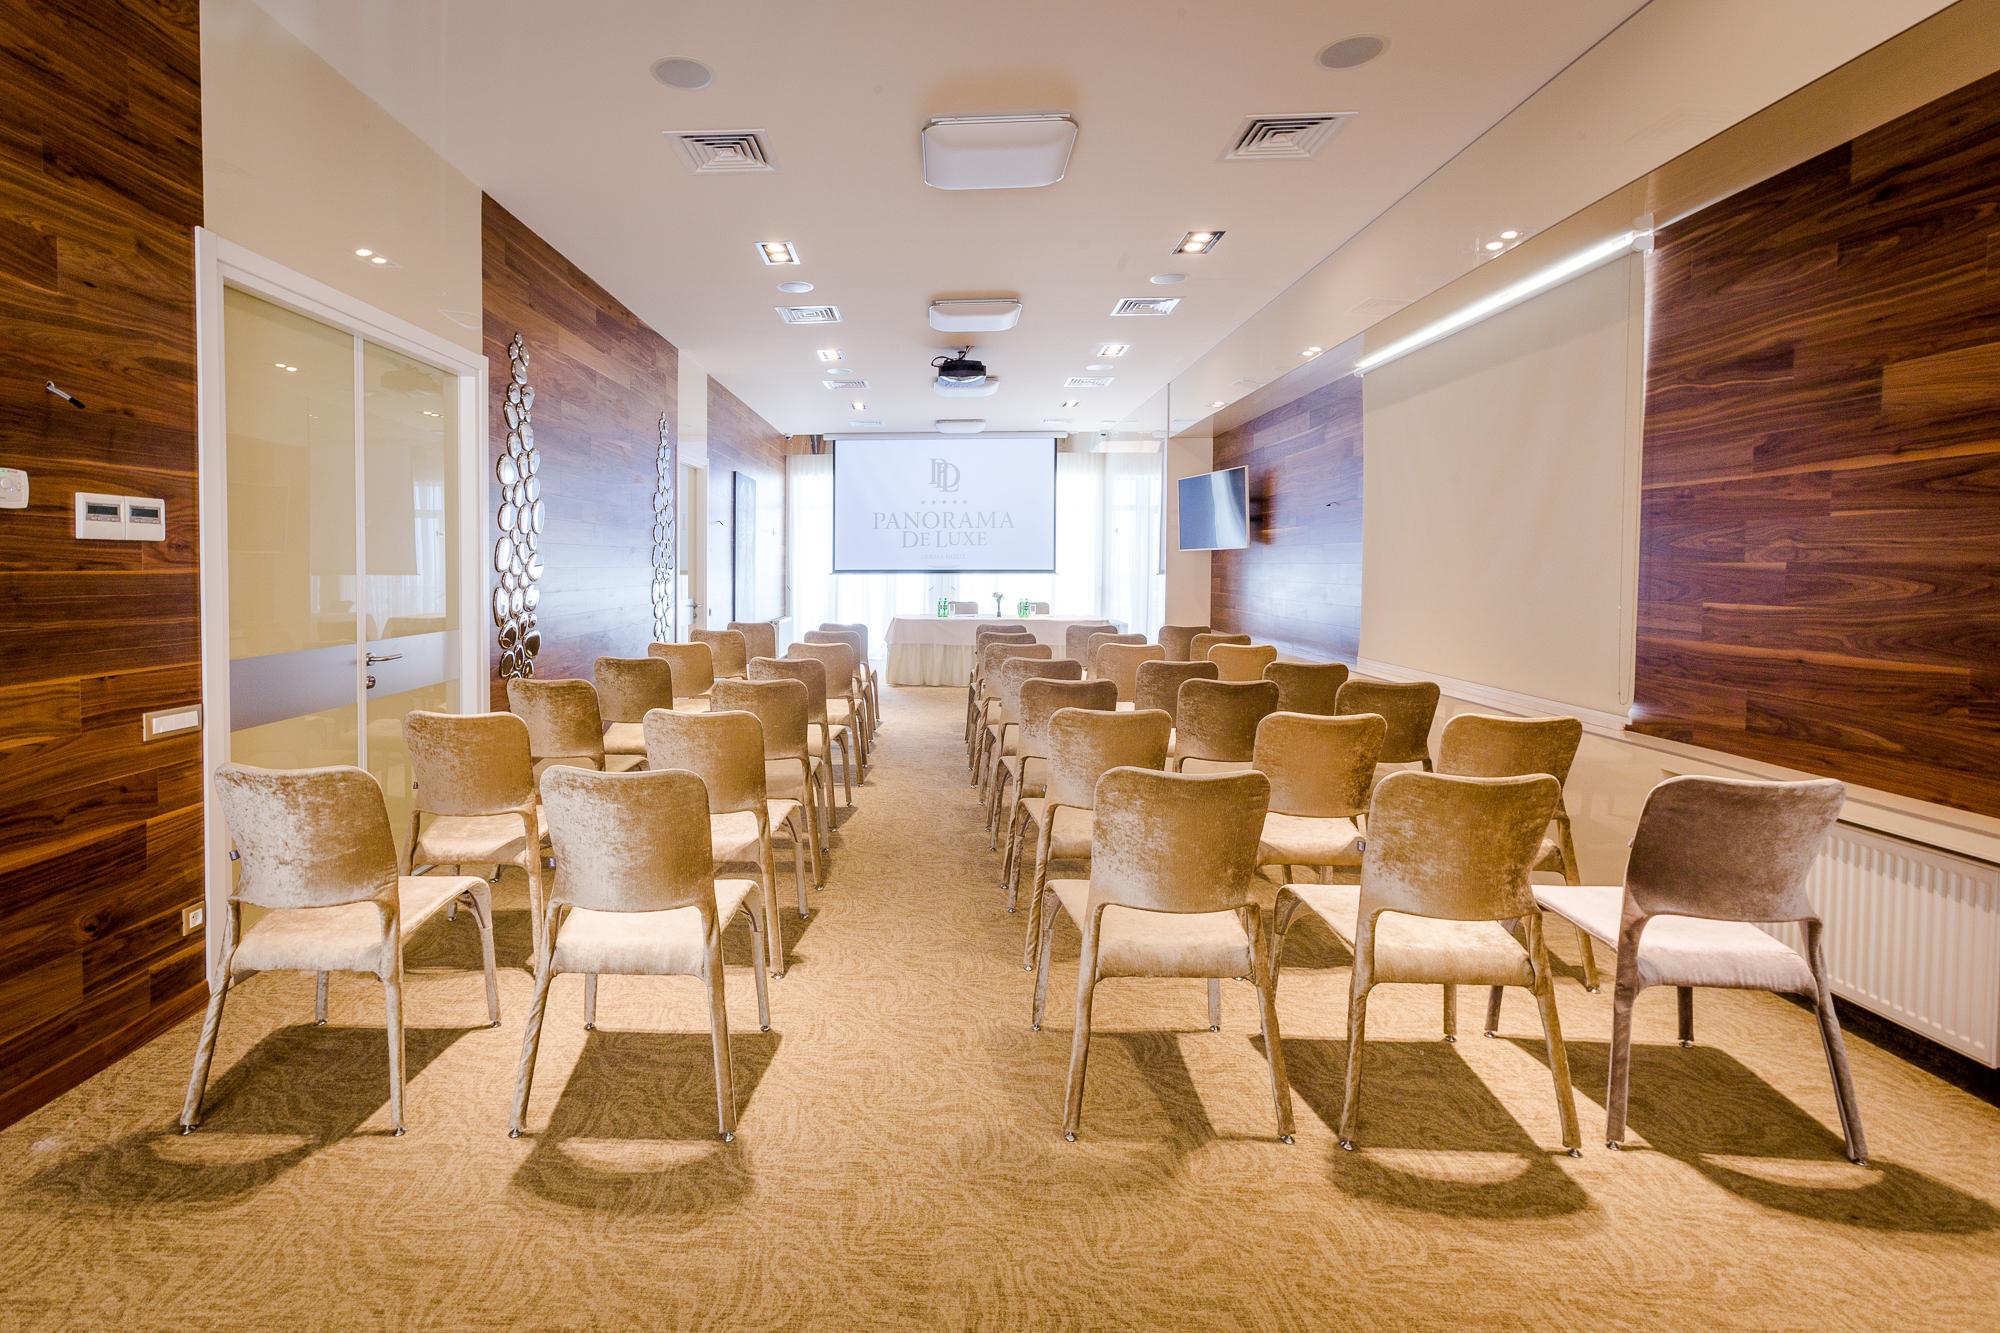 Конференц сервис отеля Panorama De Luxe отеля - 9 | Panorama De Luxe